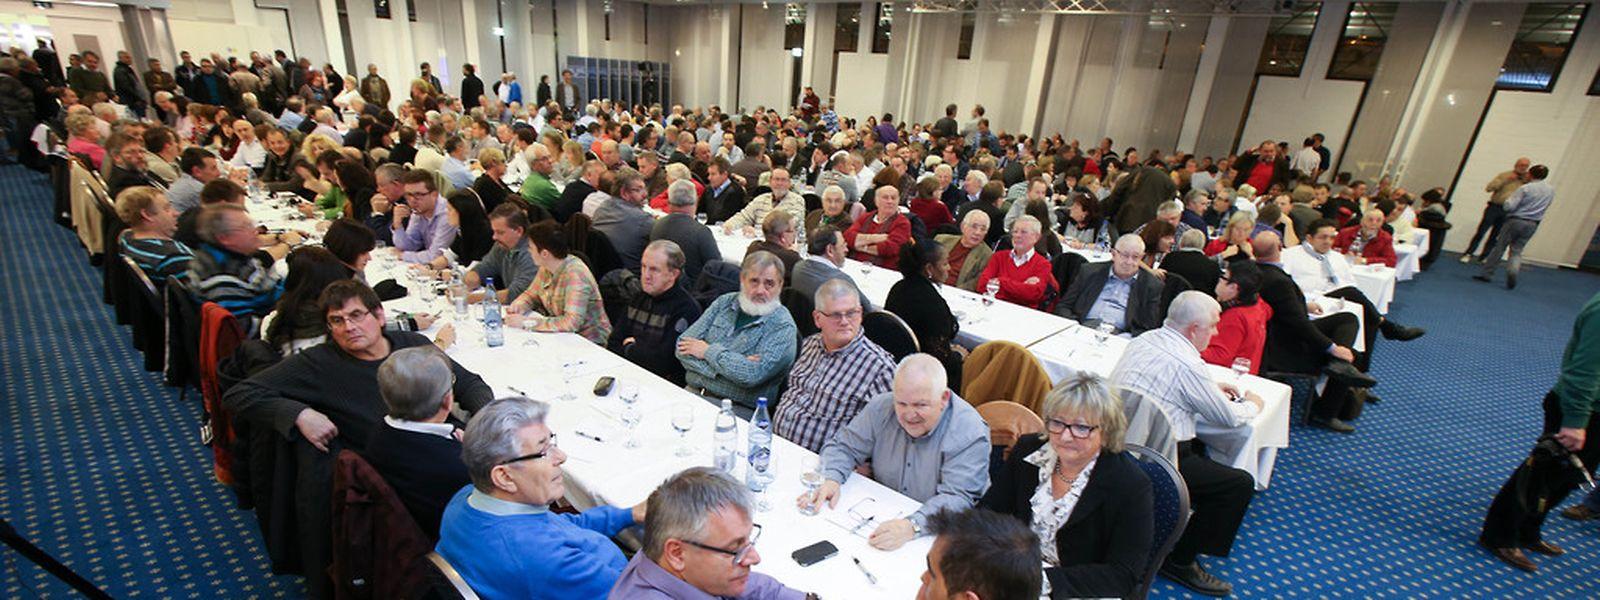 Rund 600 Gewerkschafter nahmen an der Veranstaltung teil.